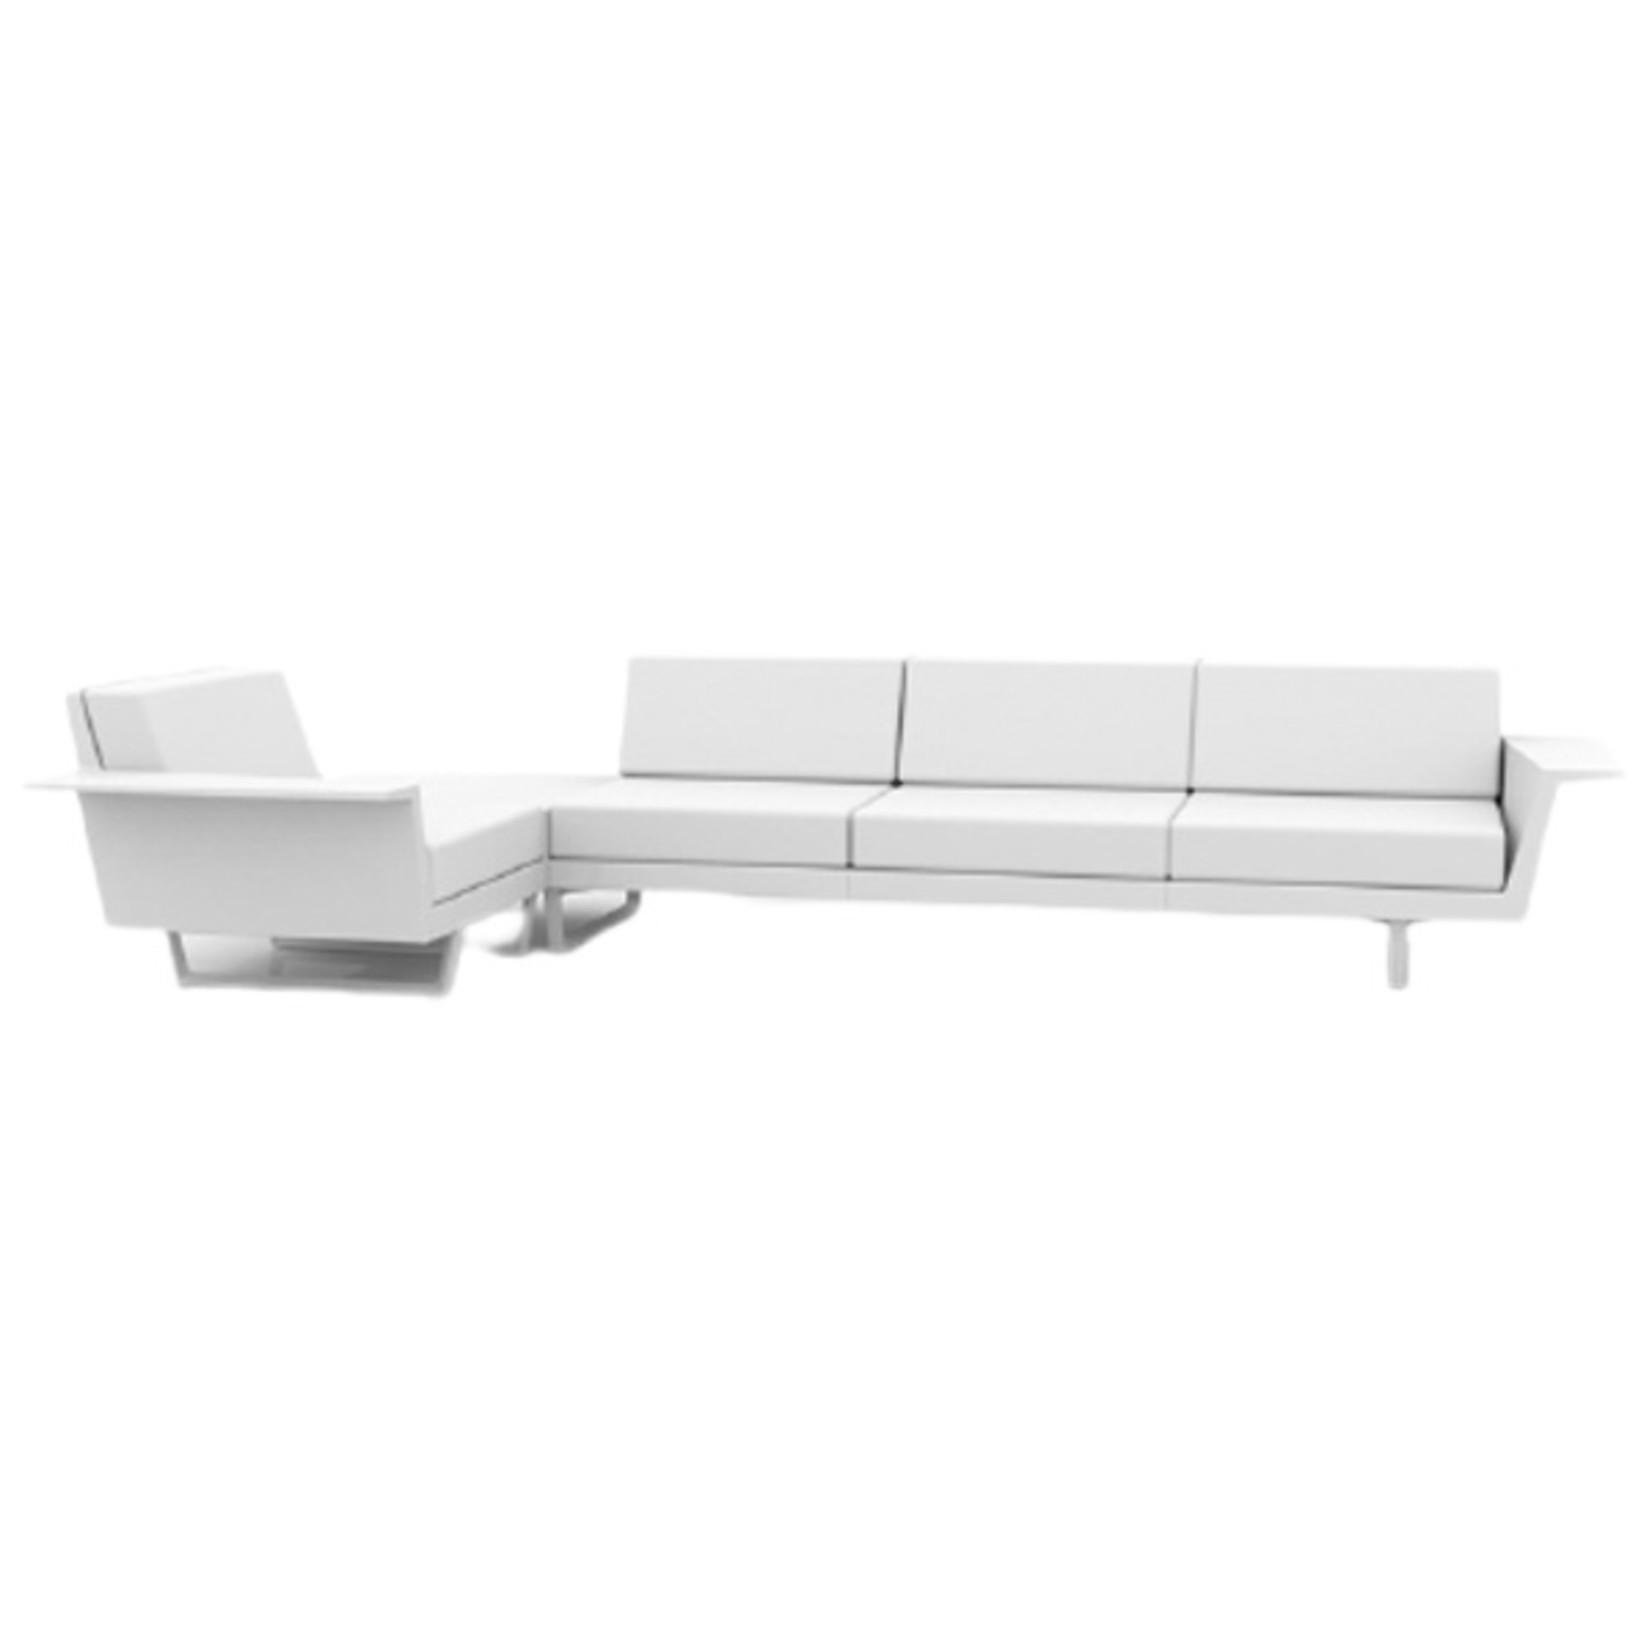 Vondom DELTA Corner Sofa right 4 seat